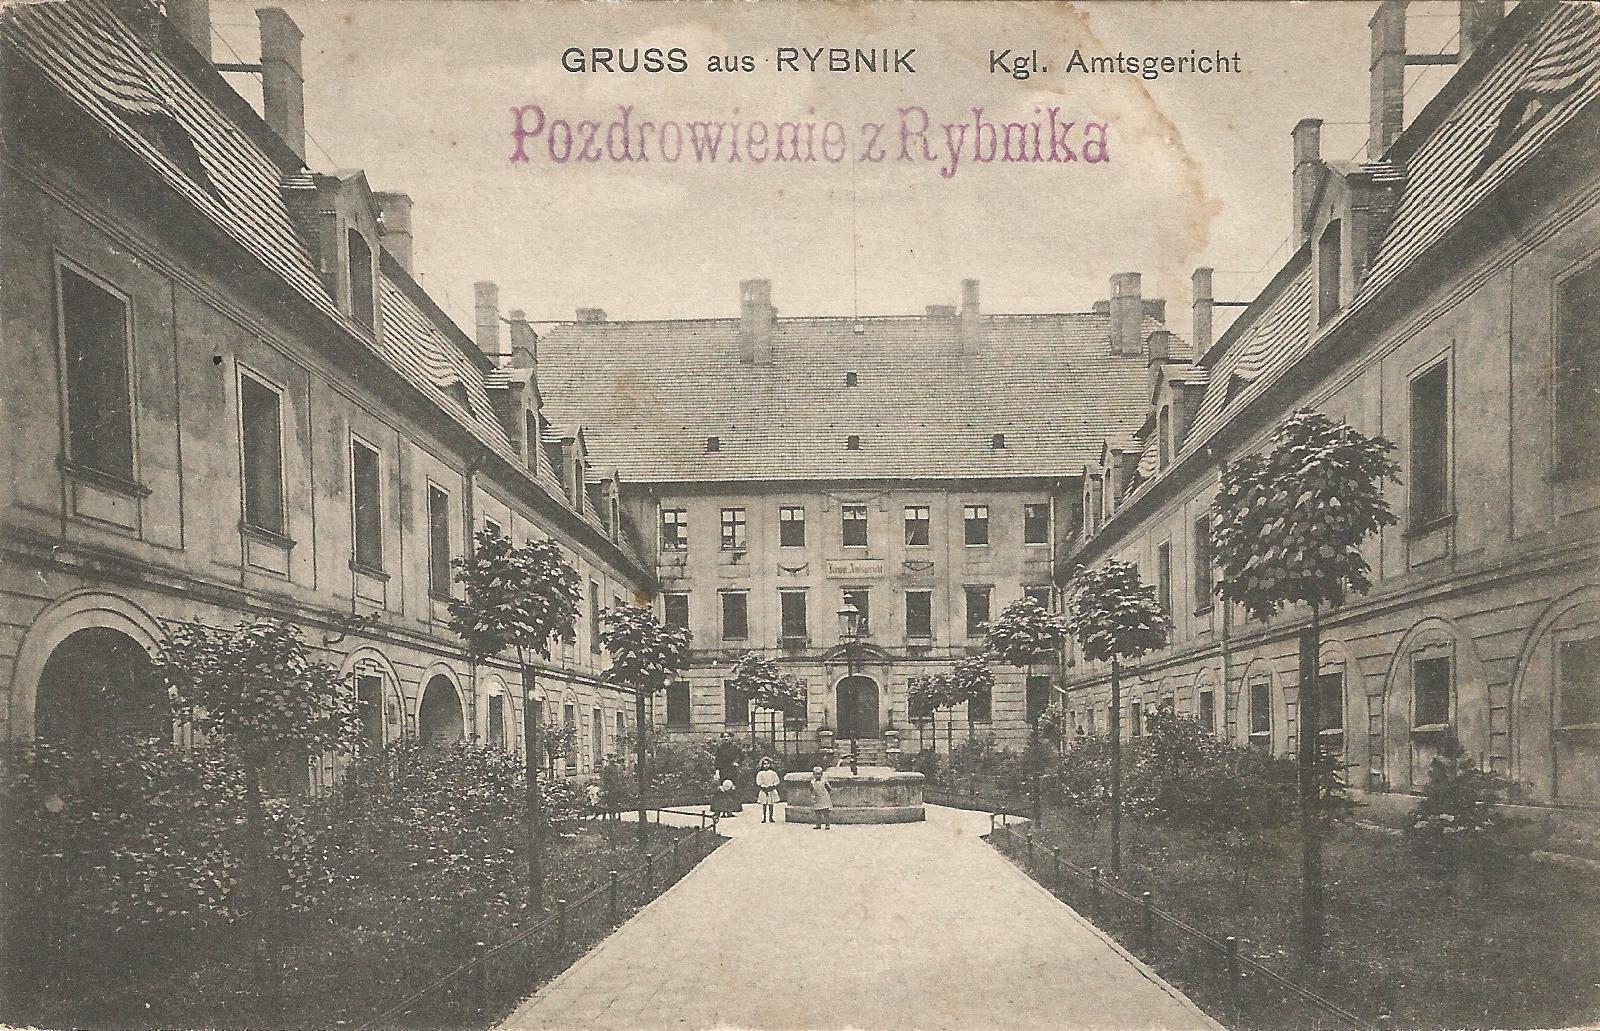 Gruss aus Rybnik - Kgl. Amtsgericht